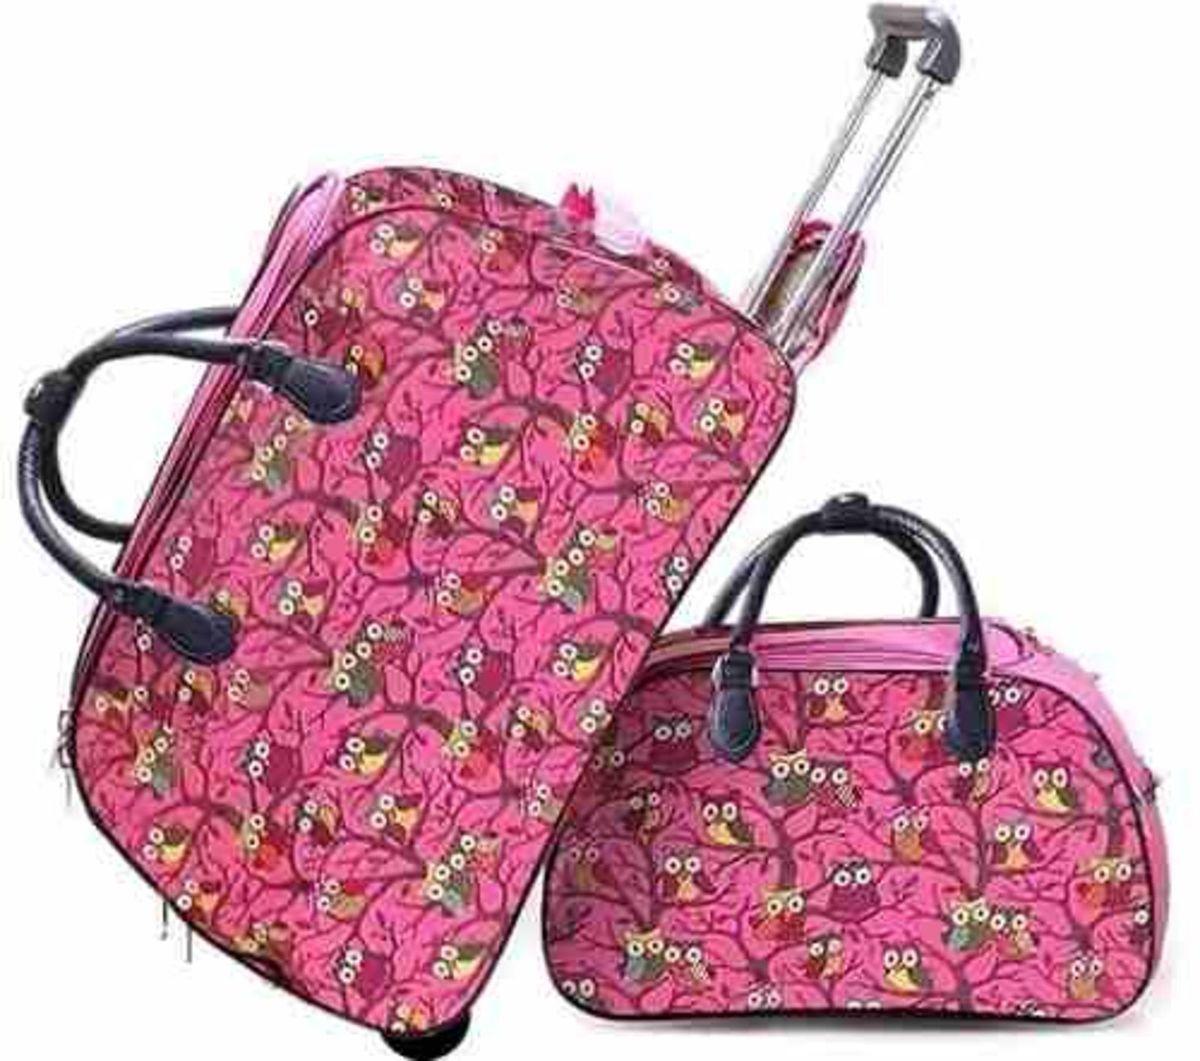 b210453c0 mala varias cores rodinha atacado e varejo viagem roupas - mochila sem marca